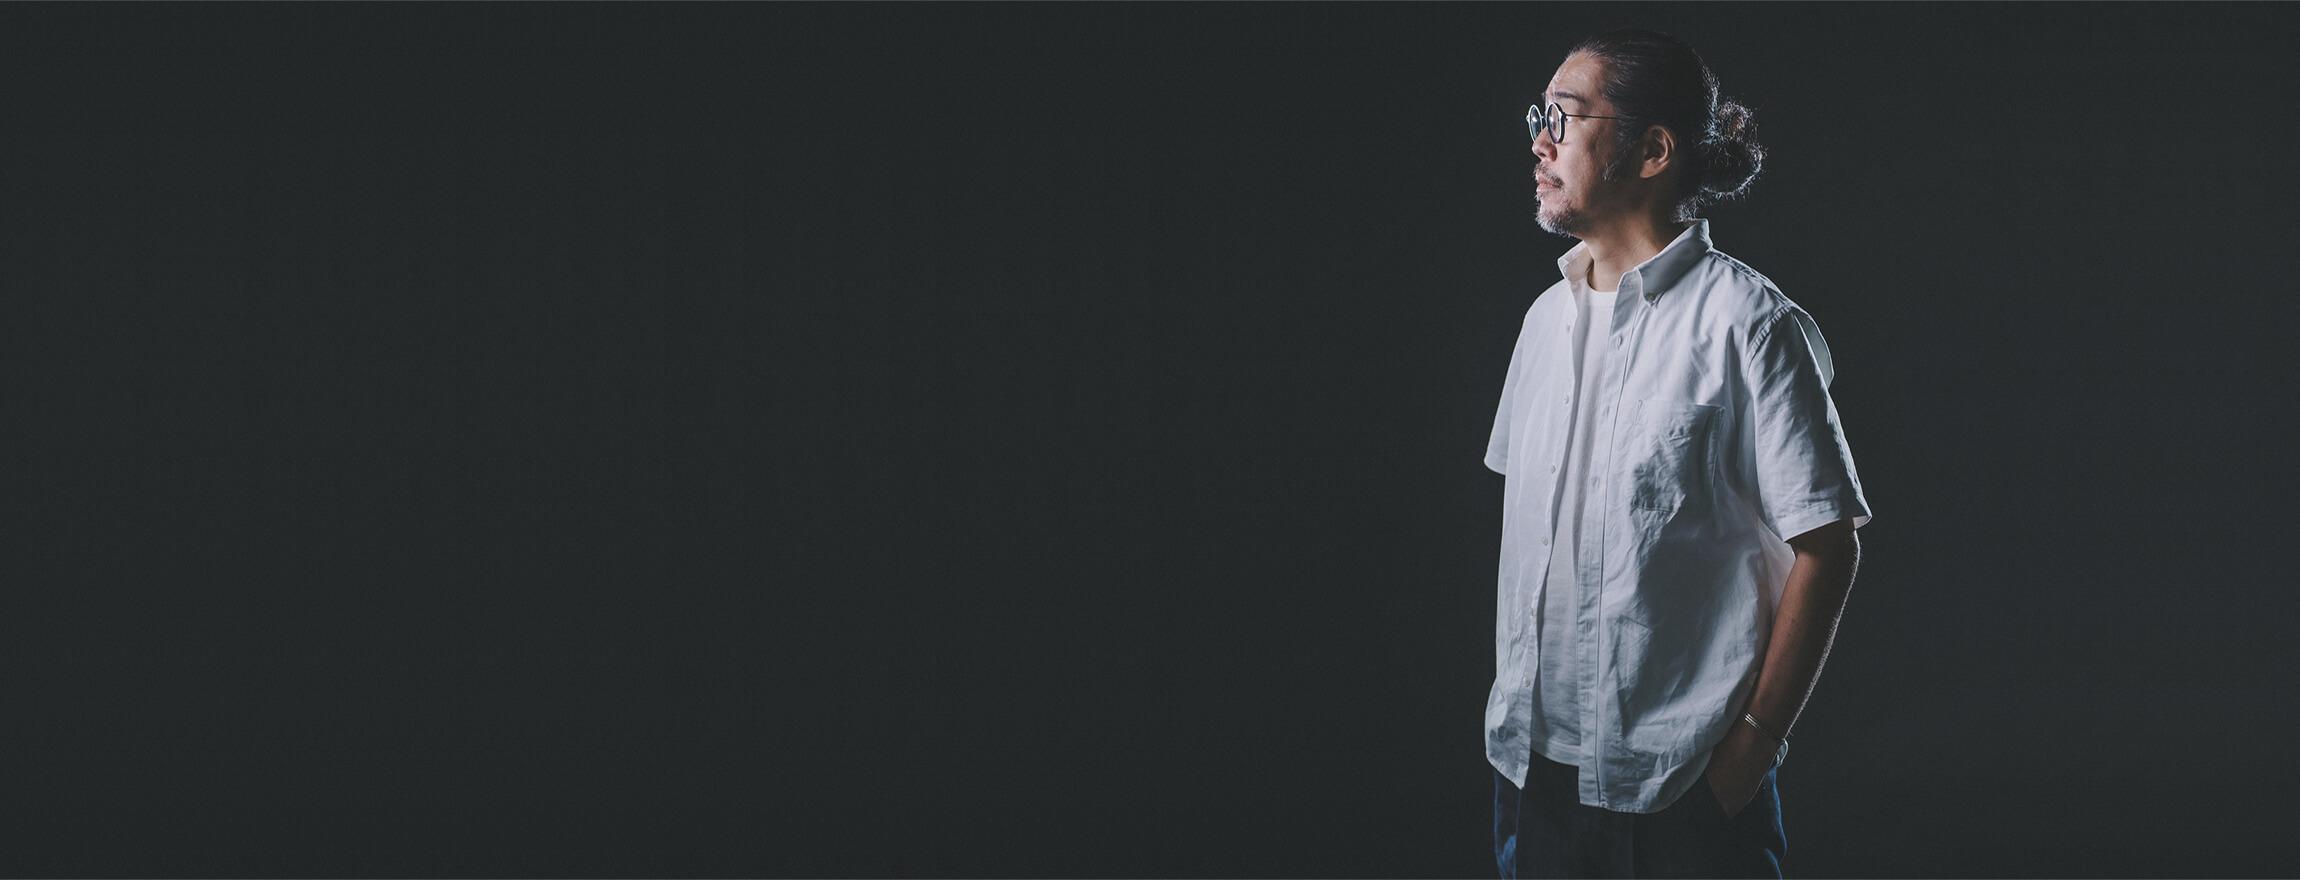 株式会社ウィンドラボ 代表取締役 堀井 英宣